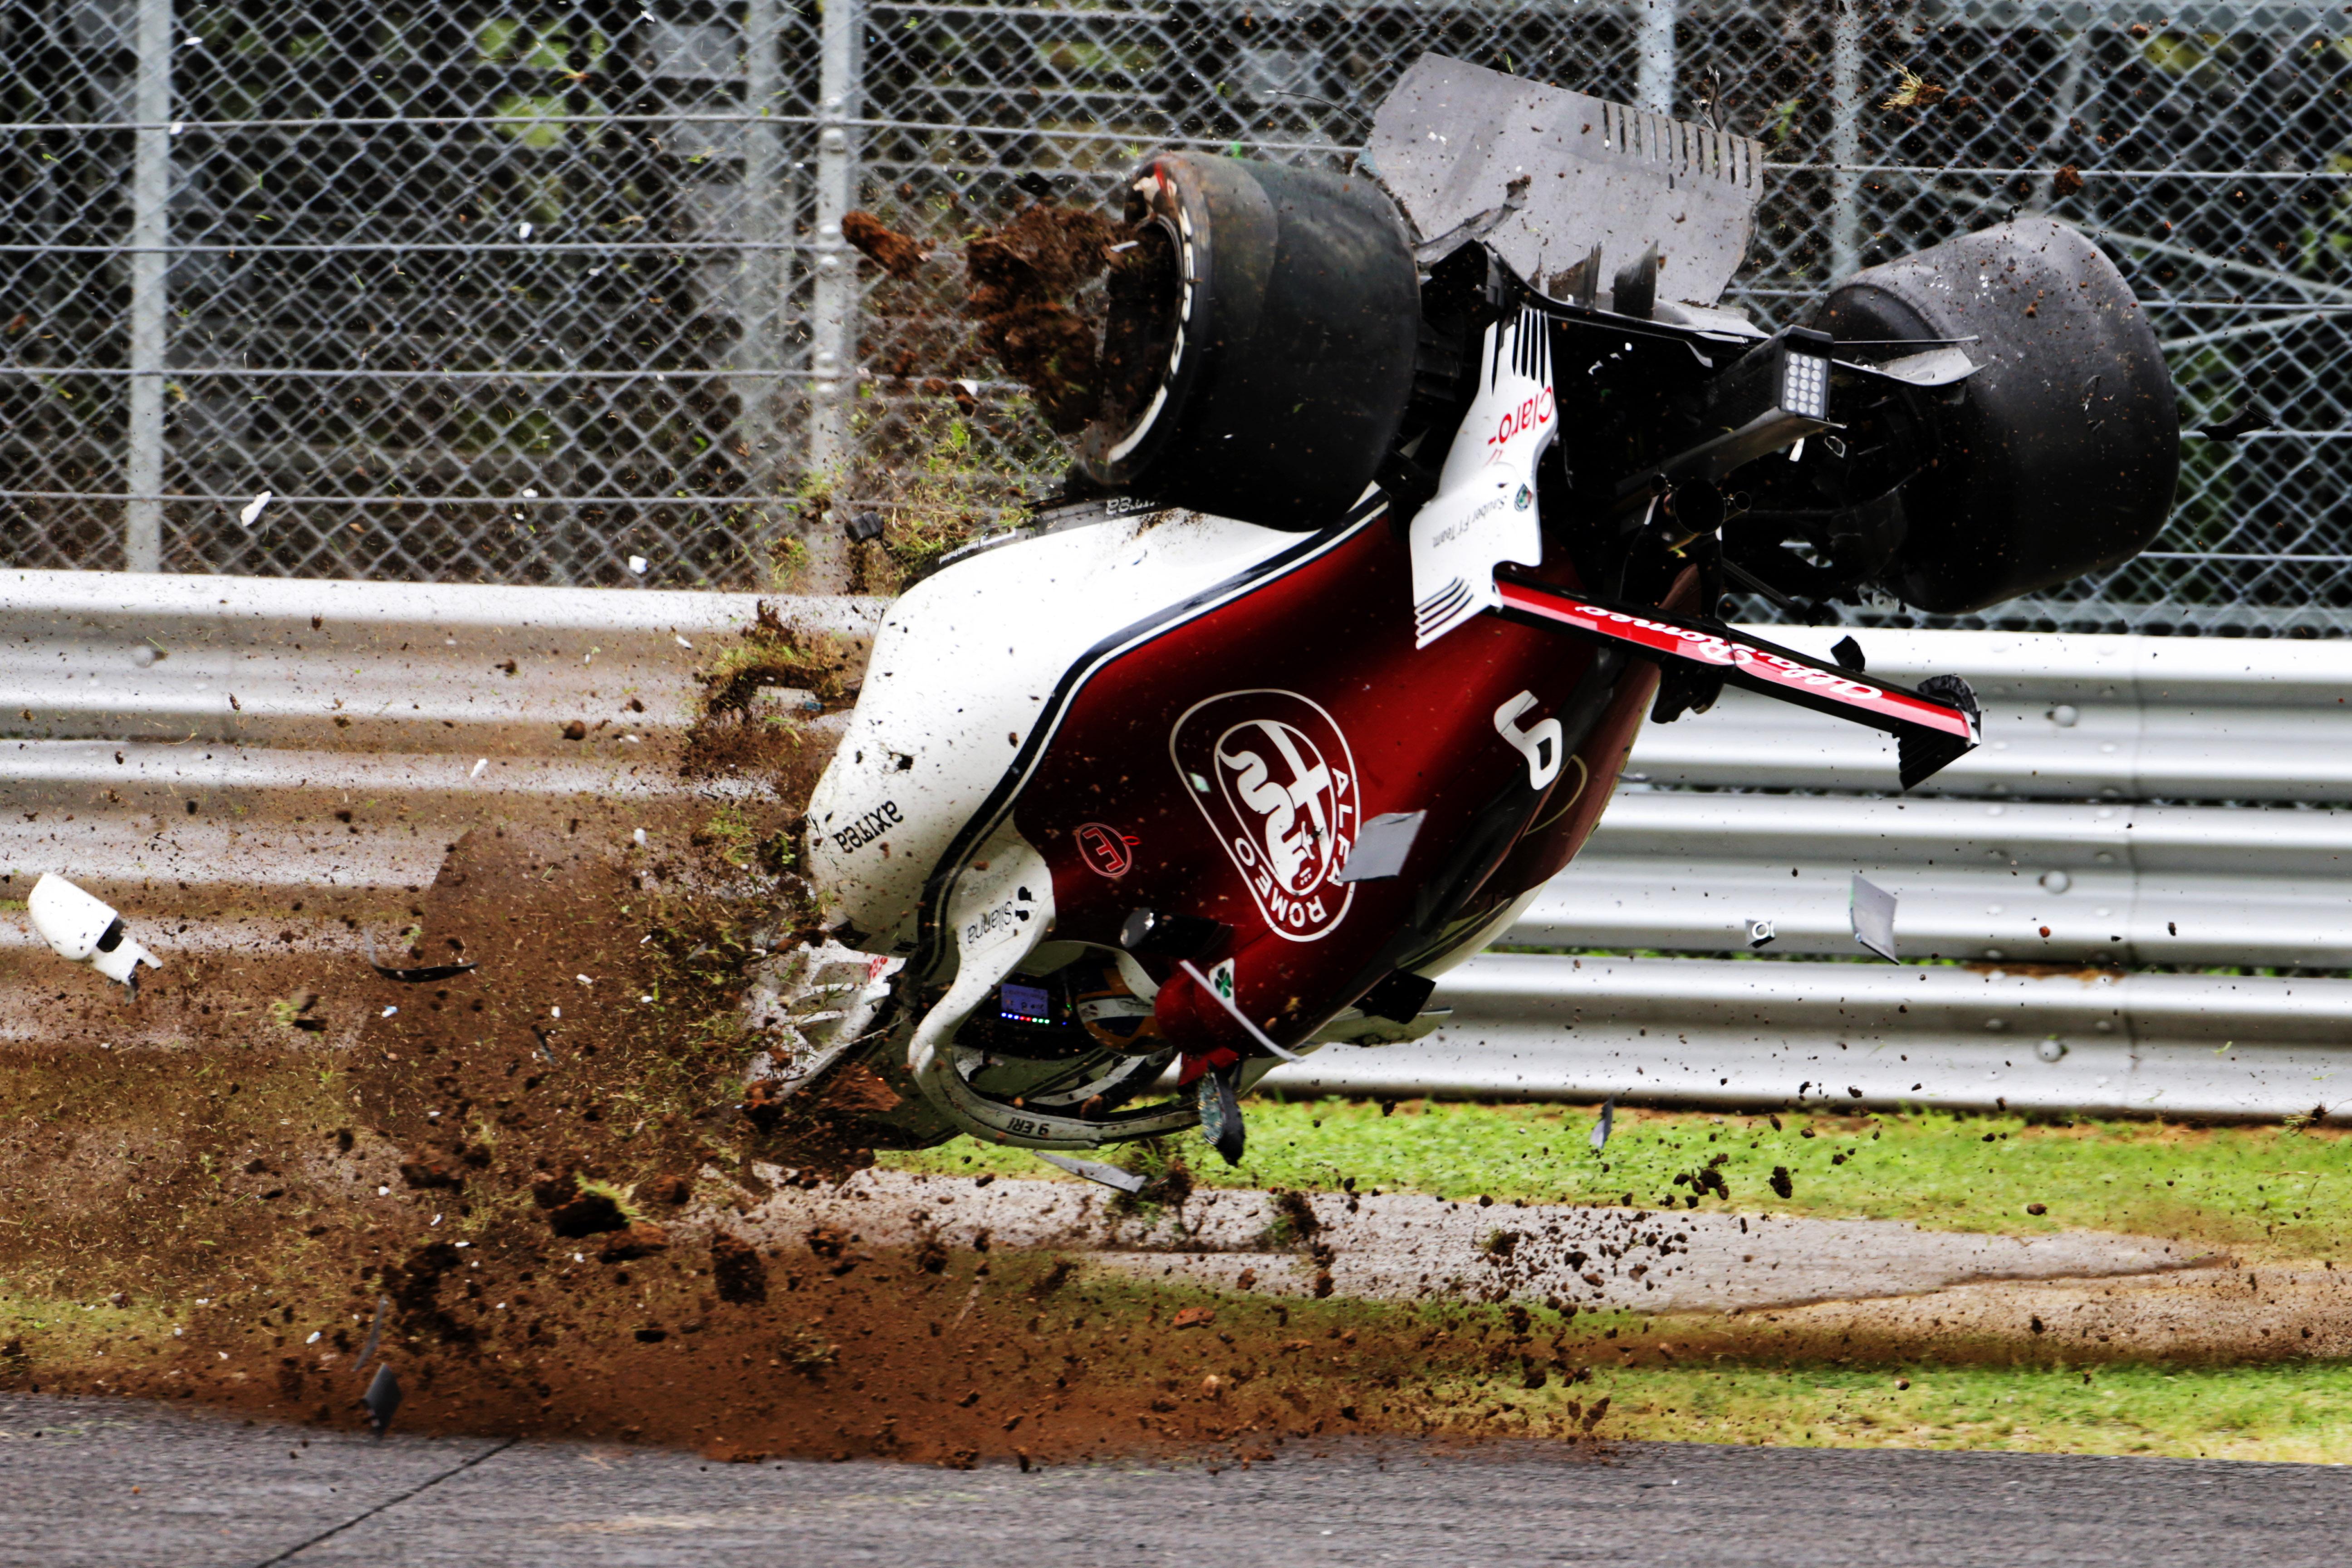 Marcus Ericsson Sauber crash Italian Grand Prix 2018 Monza